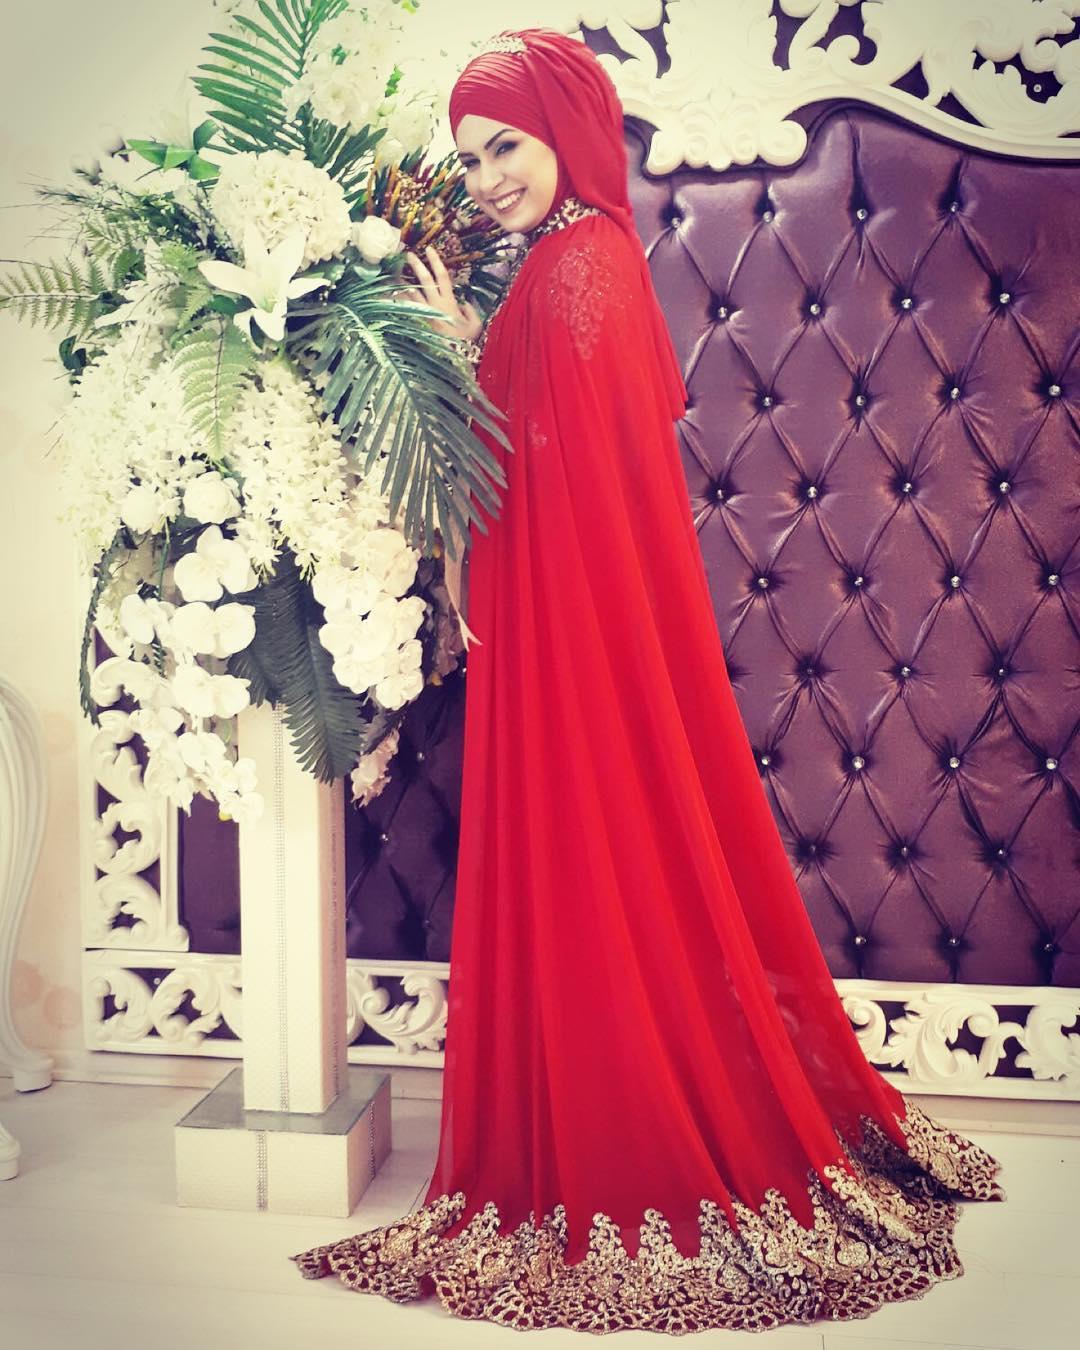 Tesettür Kırmızı Nişanlık Modelleri3 - 2018 En Şık Tesettürlü Nişanlık Abiye Elbise Modelleri